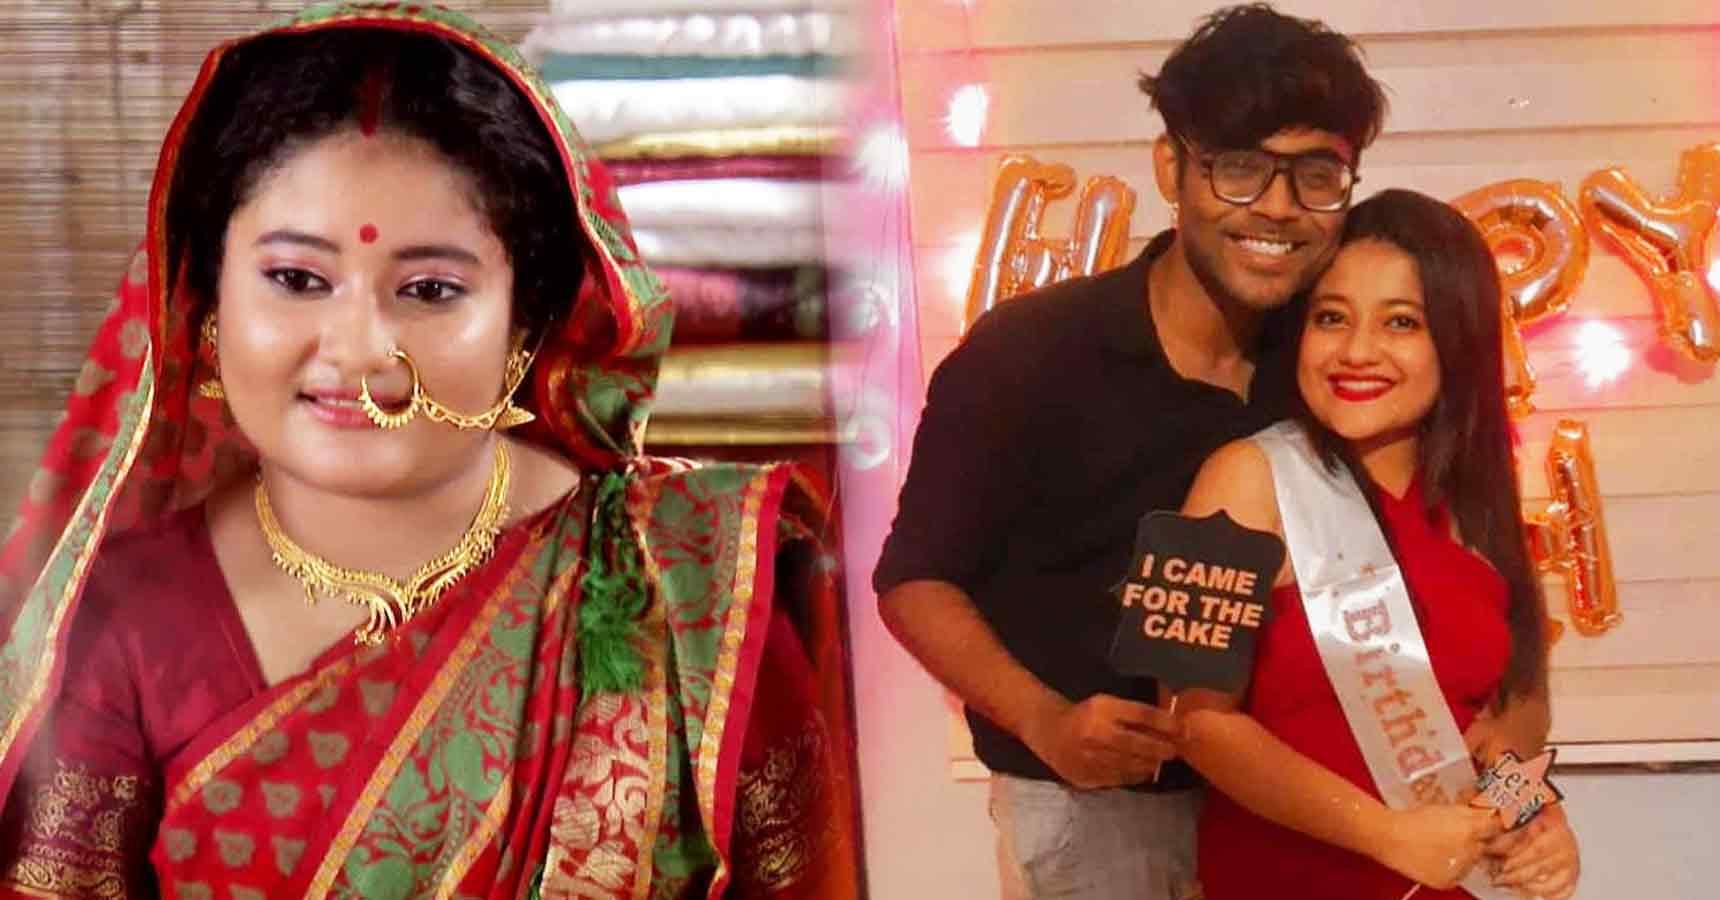 Photo of জন্মদিনে প্রেমিকের সাথে ছবি শেয়ার করে সারপ্রাইজ দিলেন রানী রাসমণি সিরিয়ালের 'কুমারী'